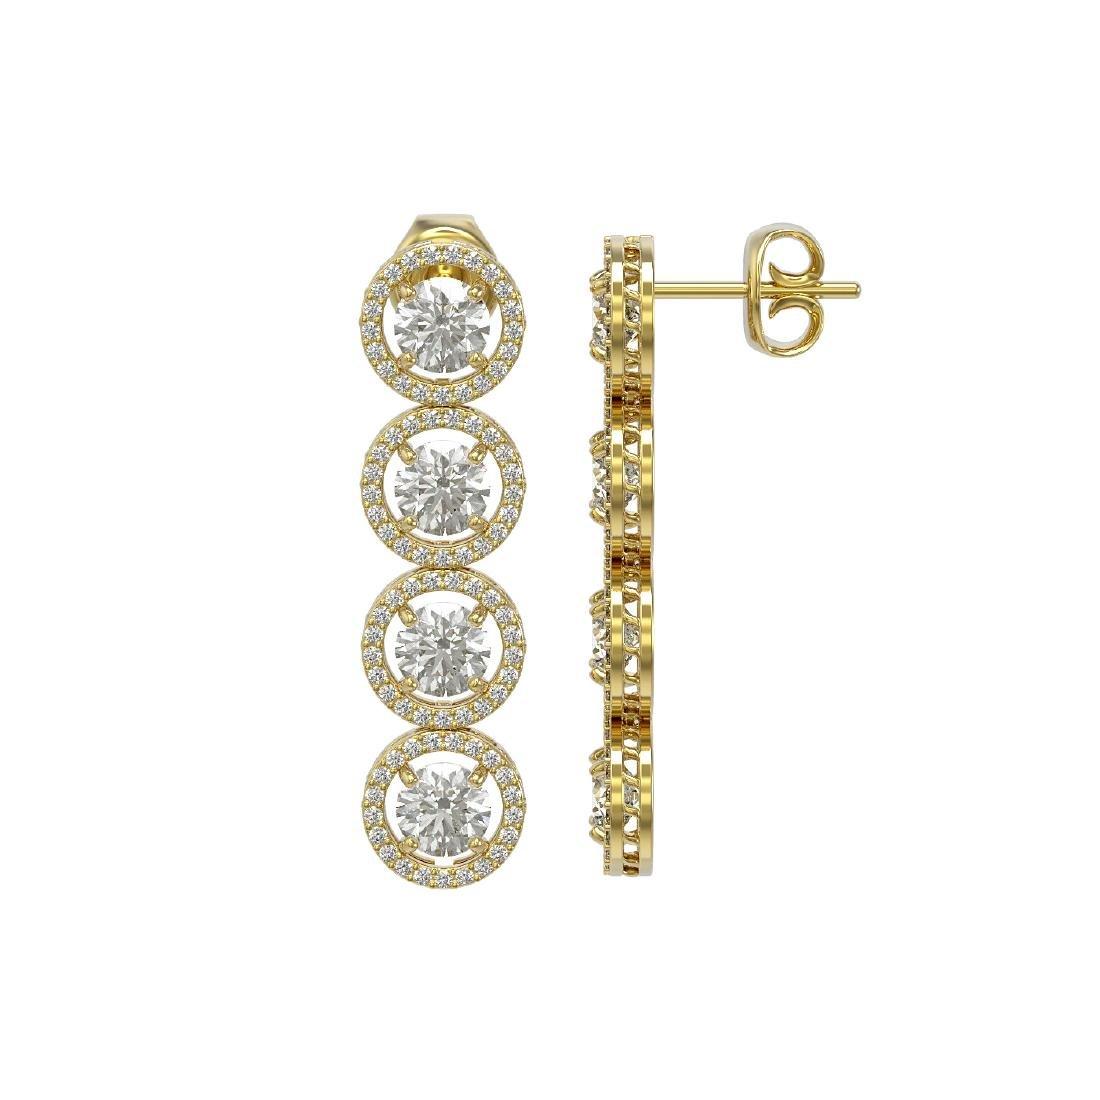 6.14 CTW Diamond Designer Earrings 18K Yellow Gold - 2